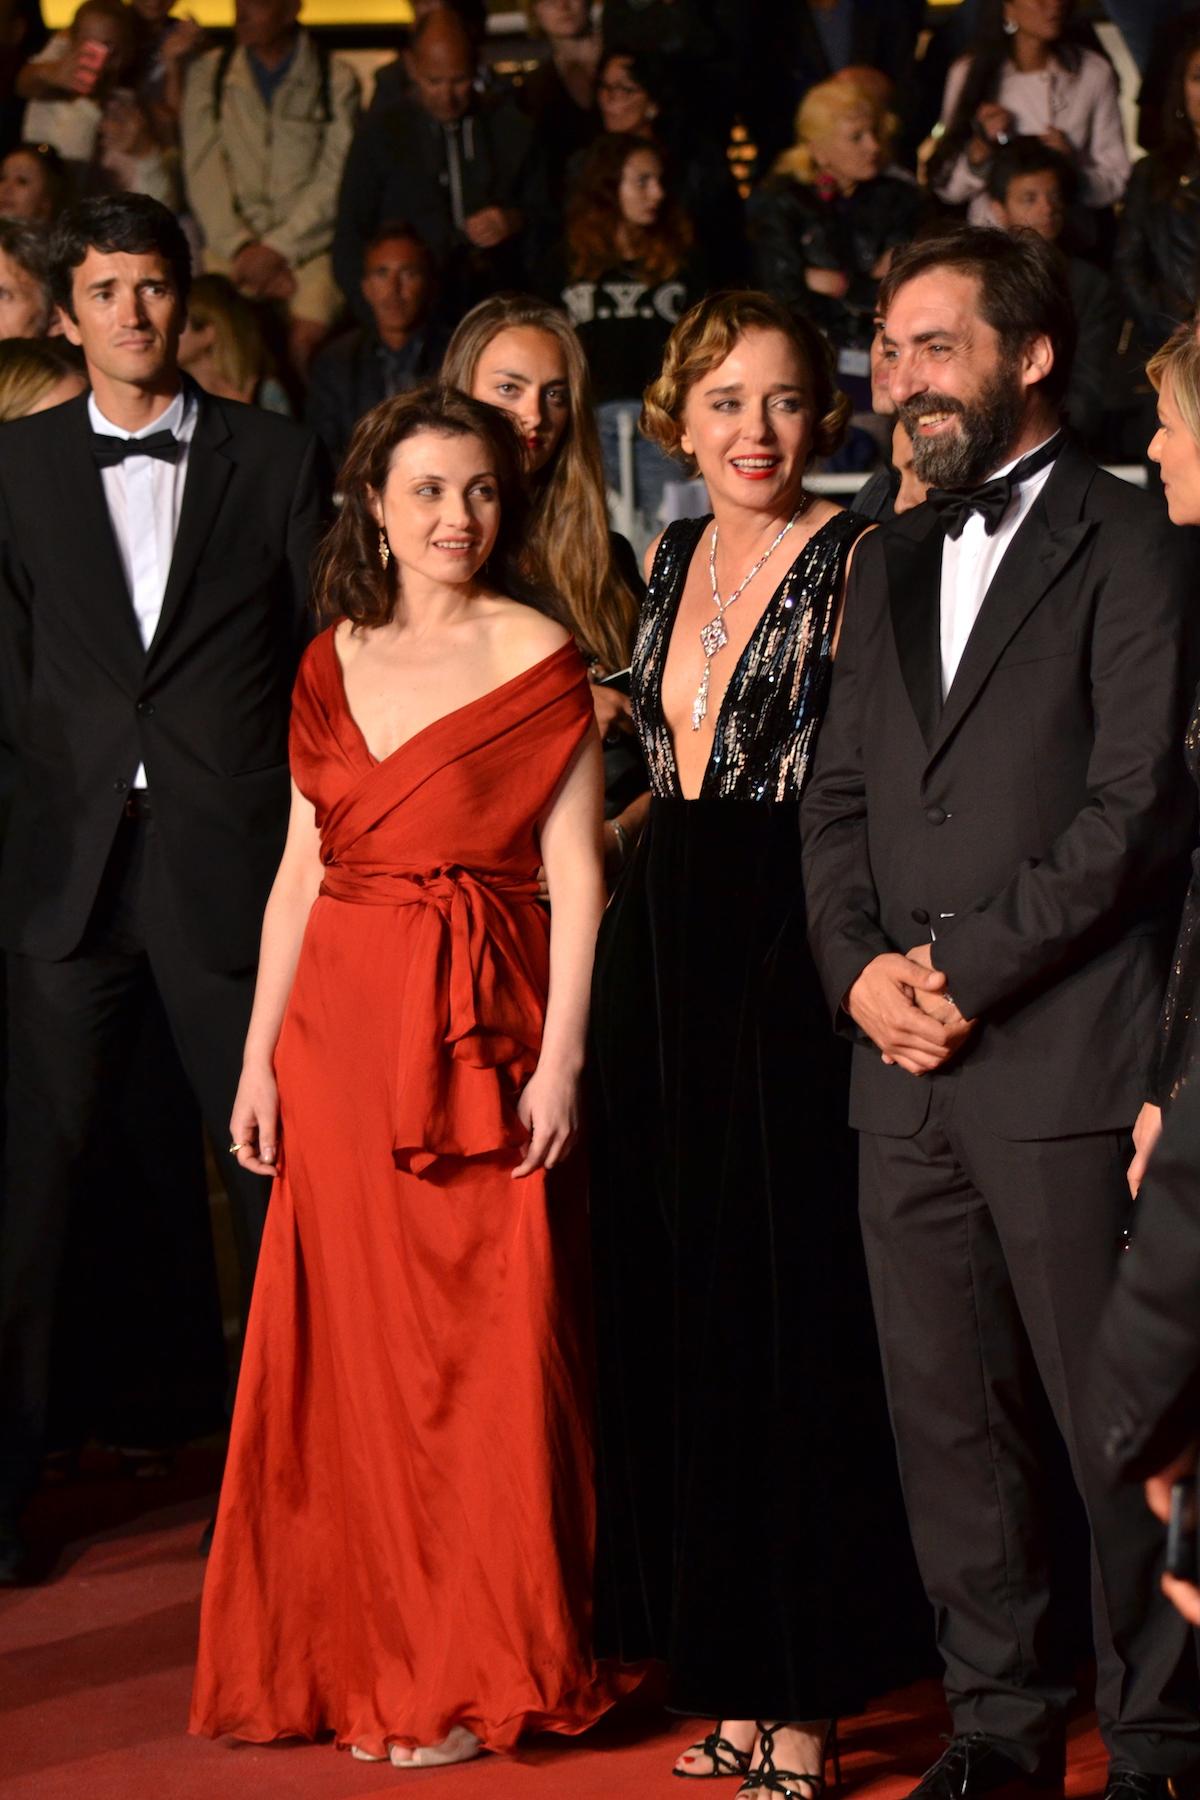 Cannes 2016: Valeria Golino, Marina Foïs e Stefano Mordini sul red carpet per Pericle il nero